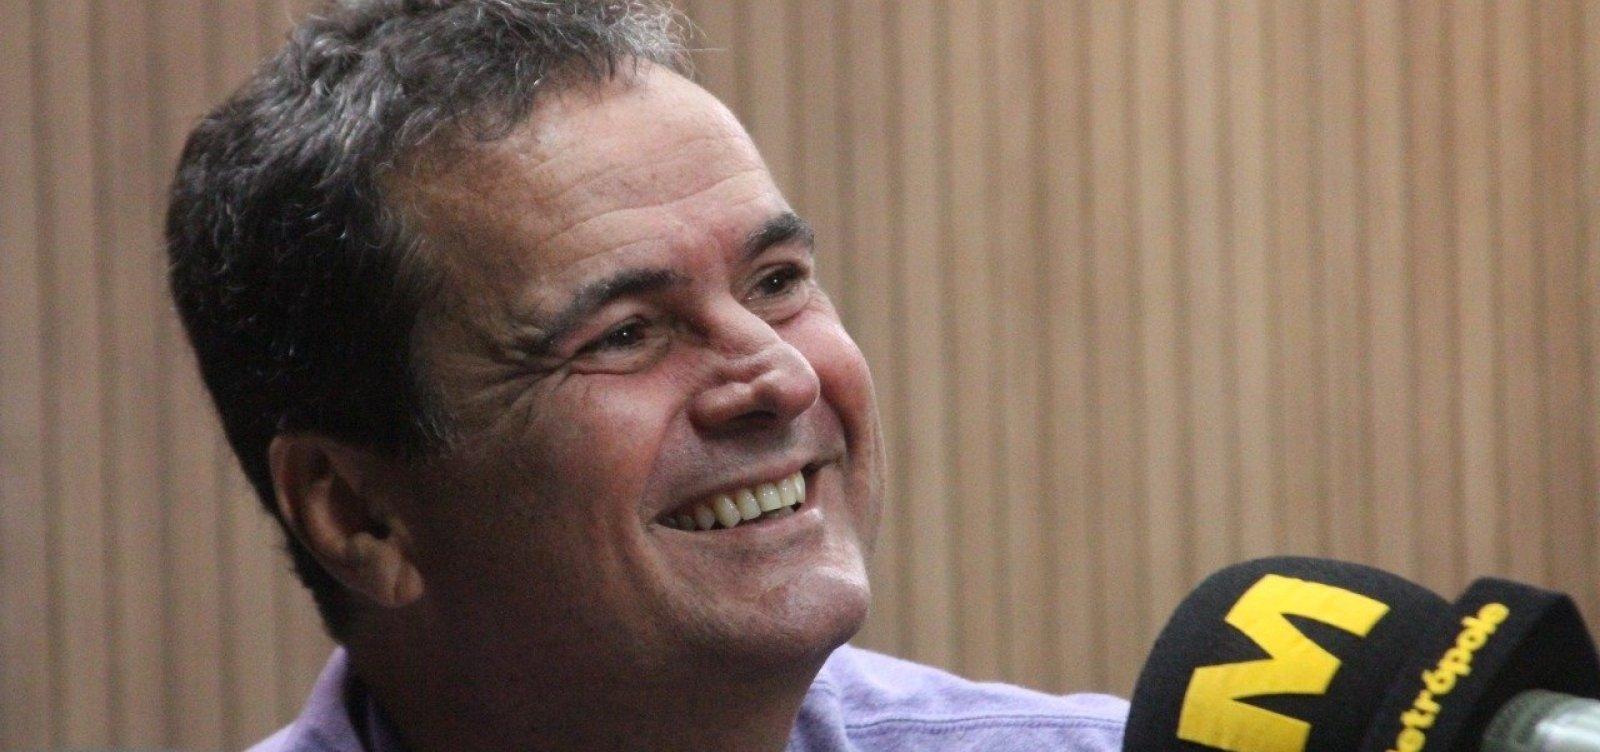 Ricardo Chaves lembra críticas ao parar de puxar blocos: 'Muita gente torceu o nariz'